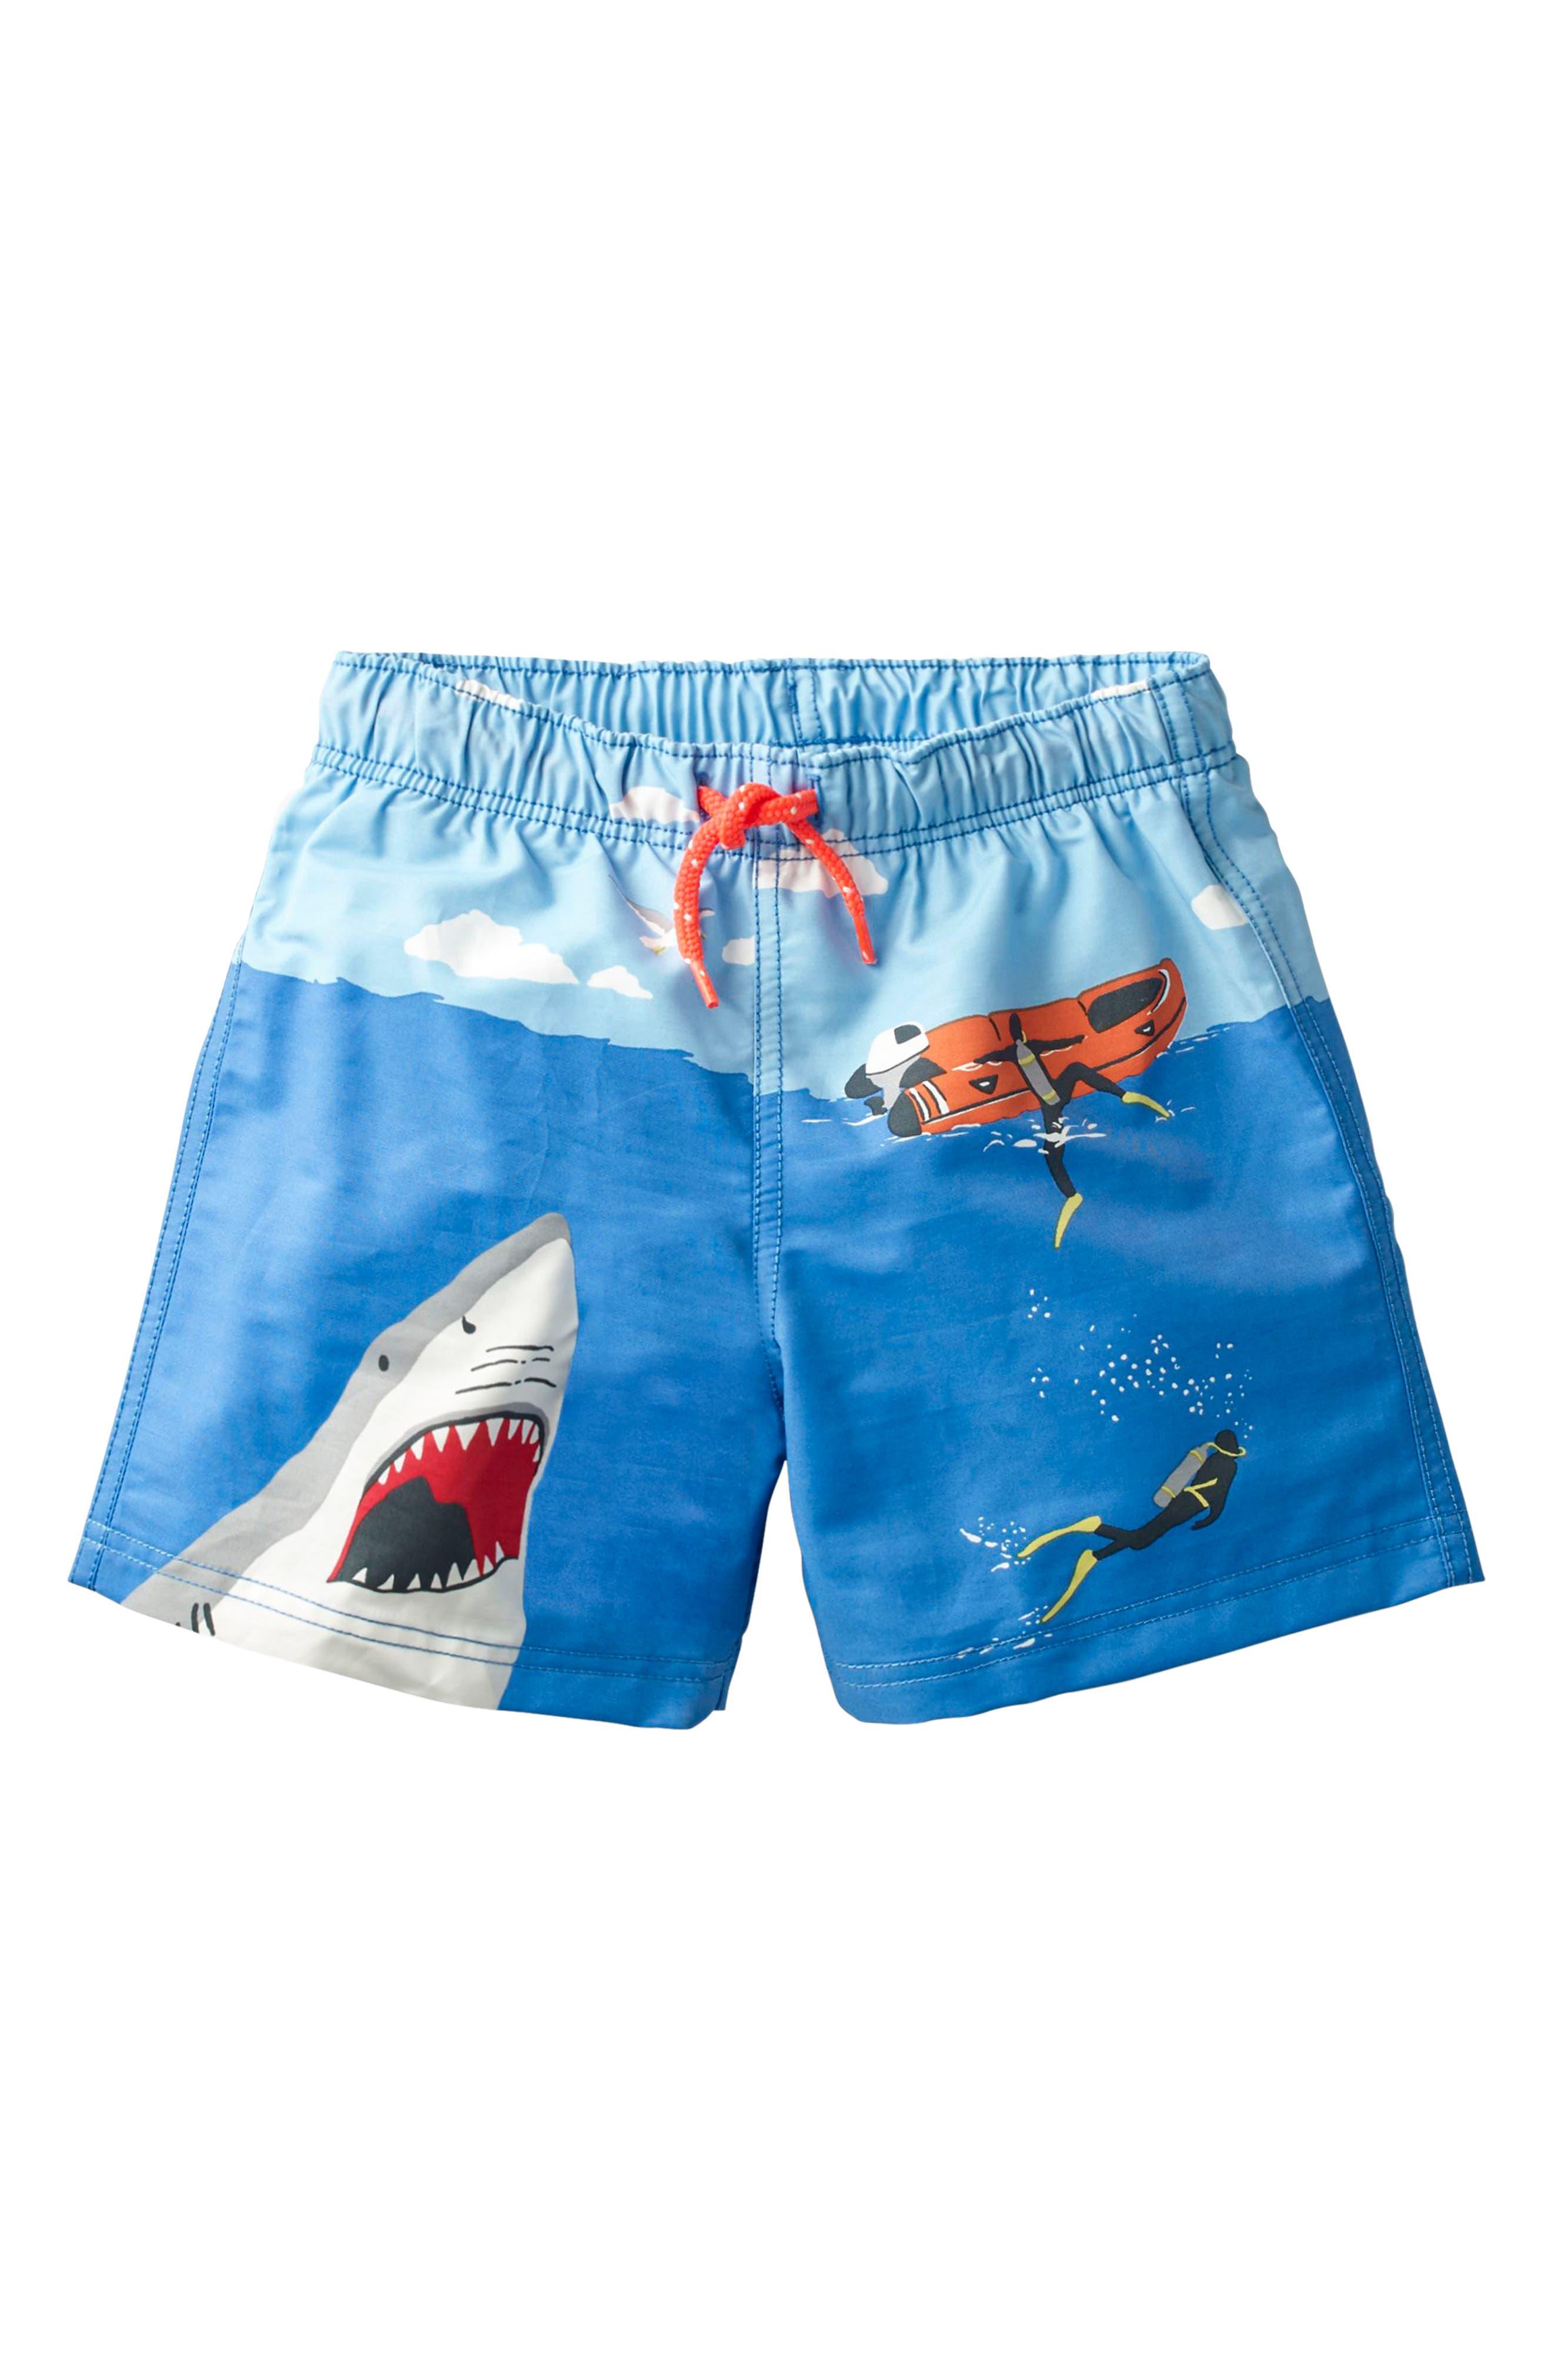 Bathers Shark Swim Trunks,                             Main thumbnail 1, color,                             454